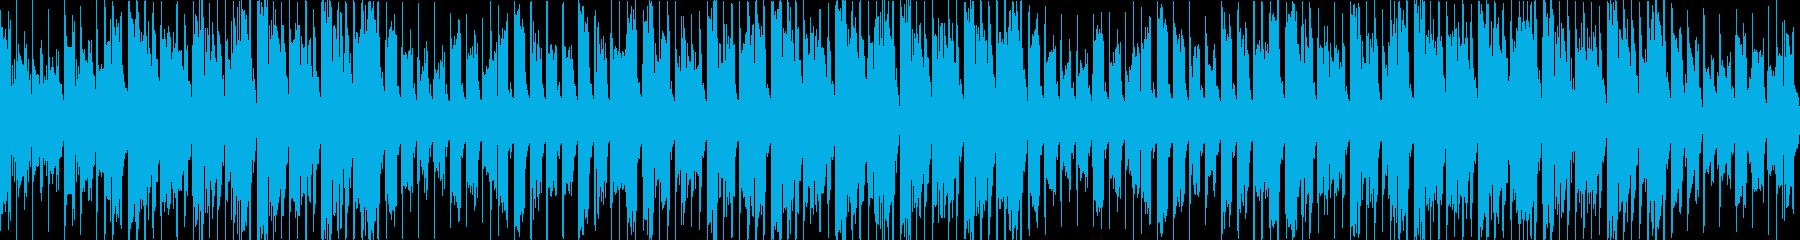 和風でかっこいいドシッと重厚感あるBGMの再生済みの波形